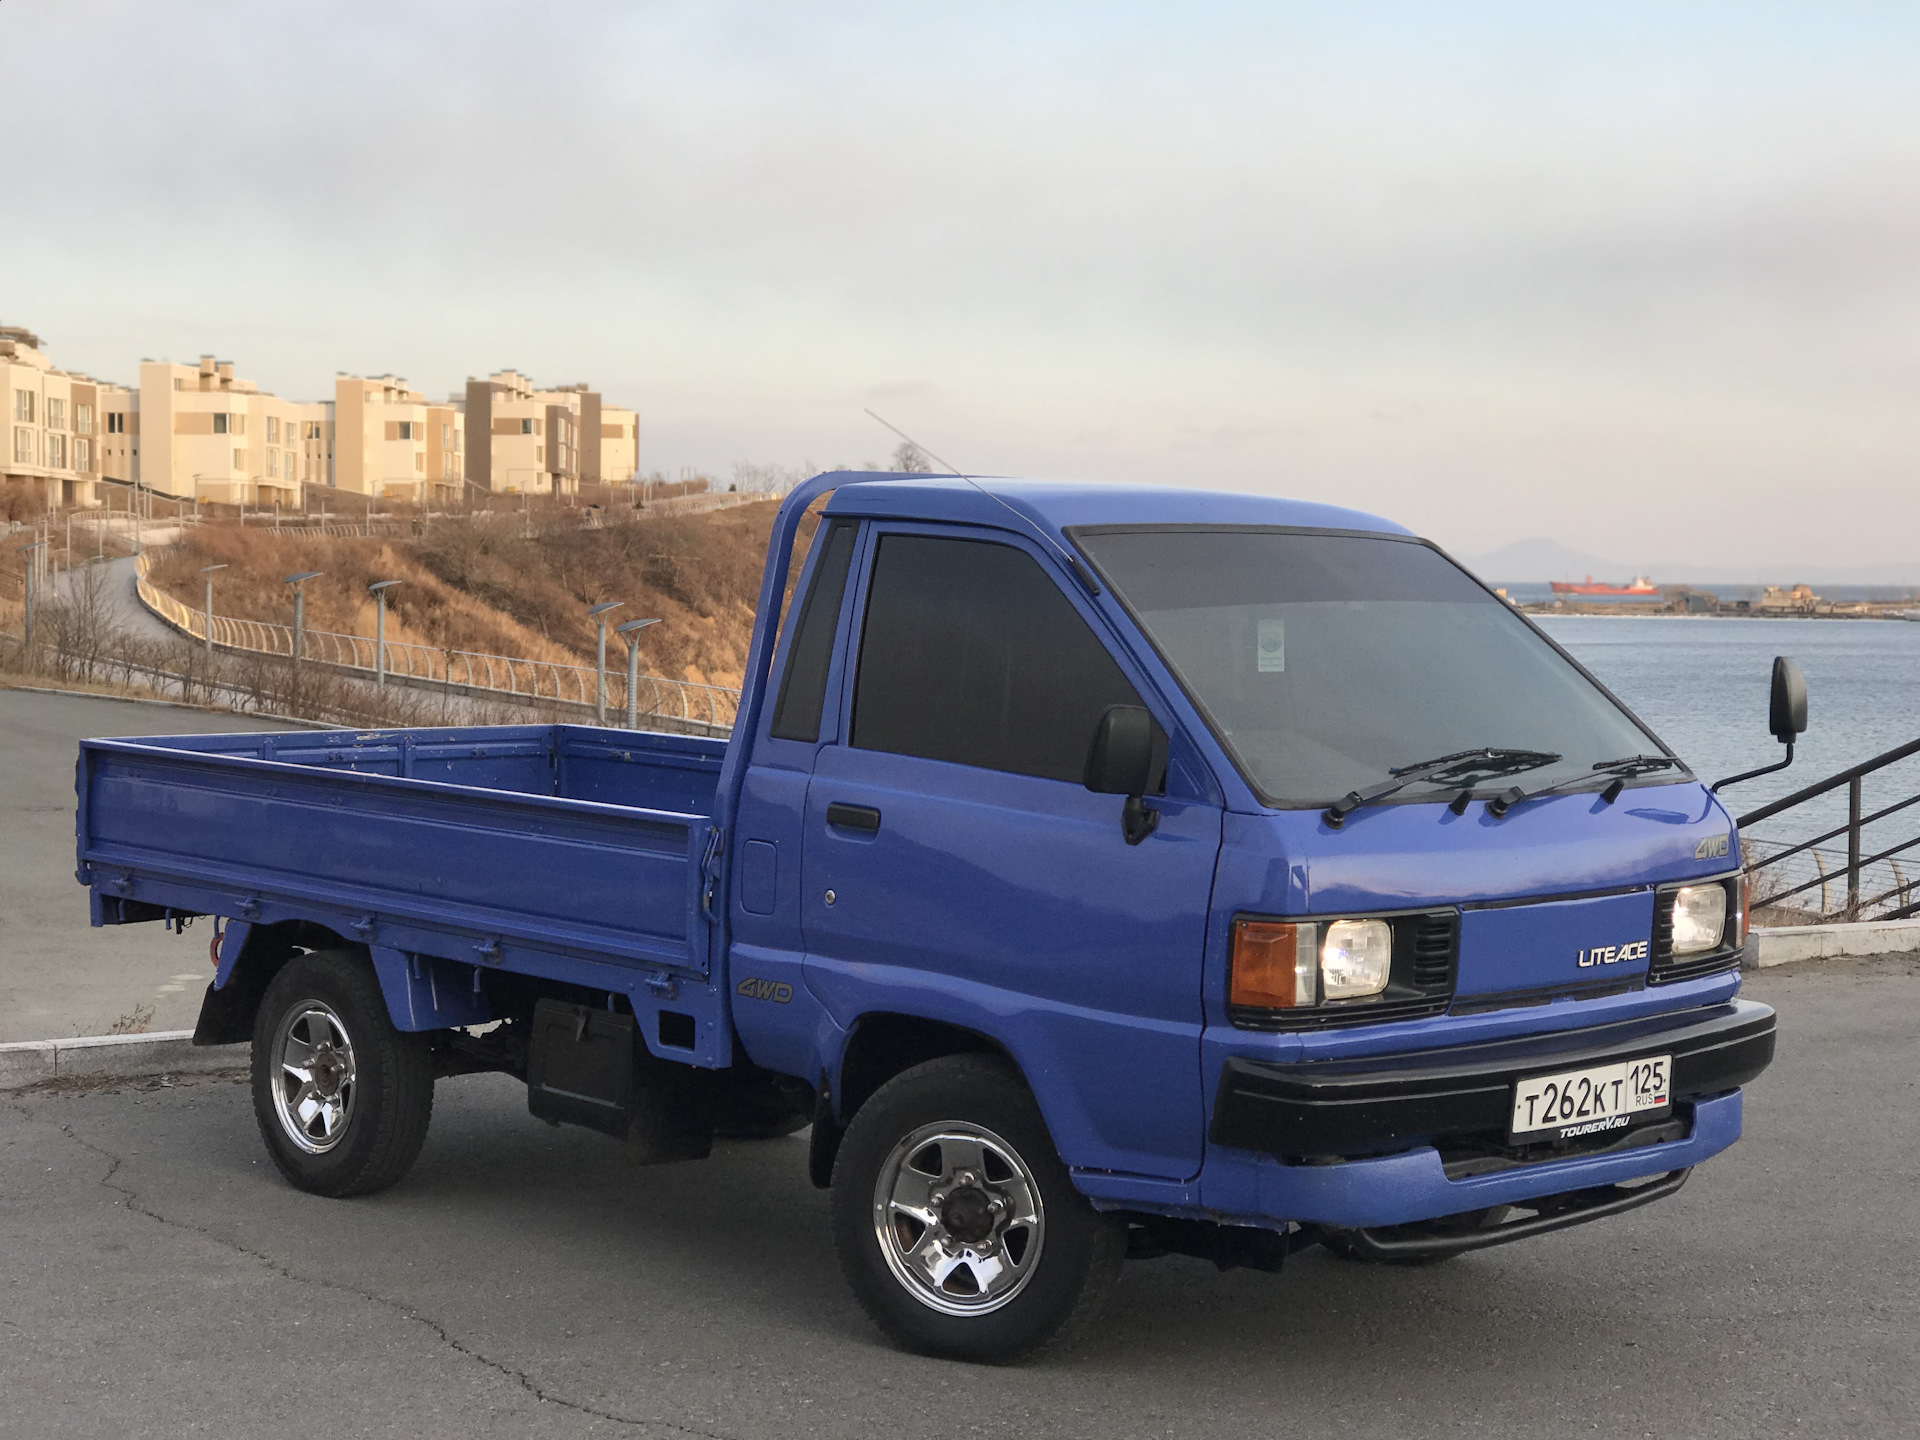 несколько фотографий фото грузовик литайс синий чем занимались